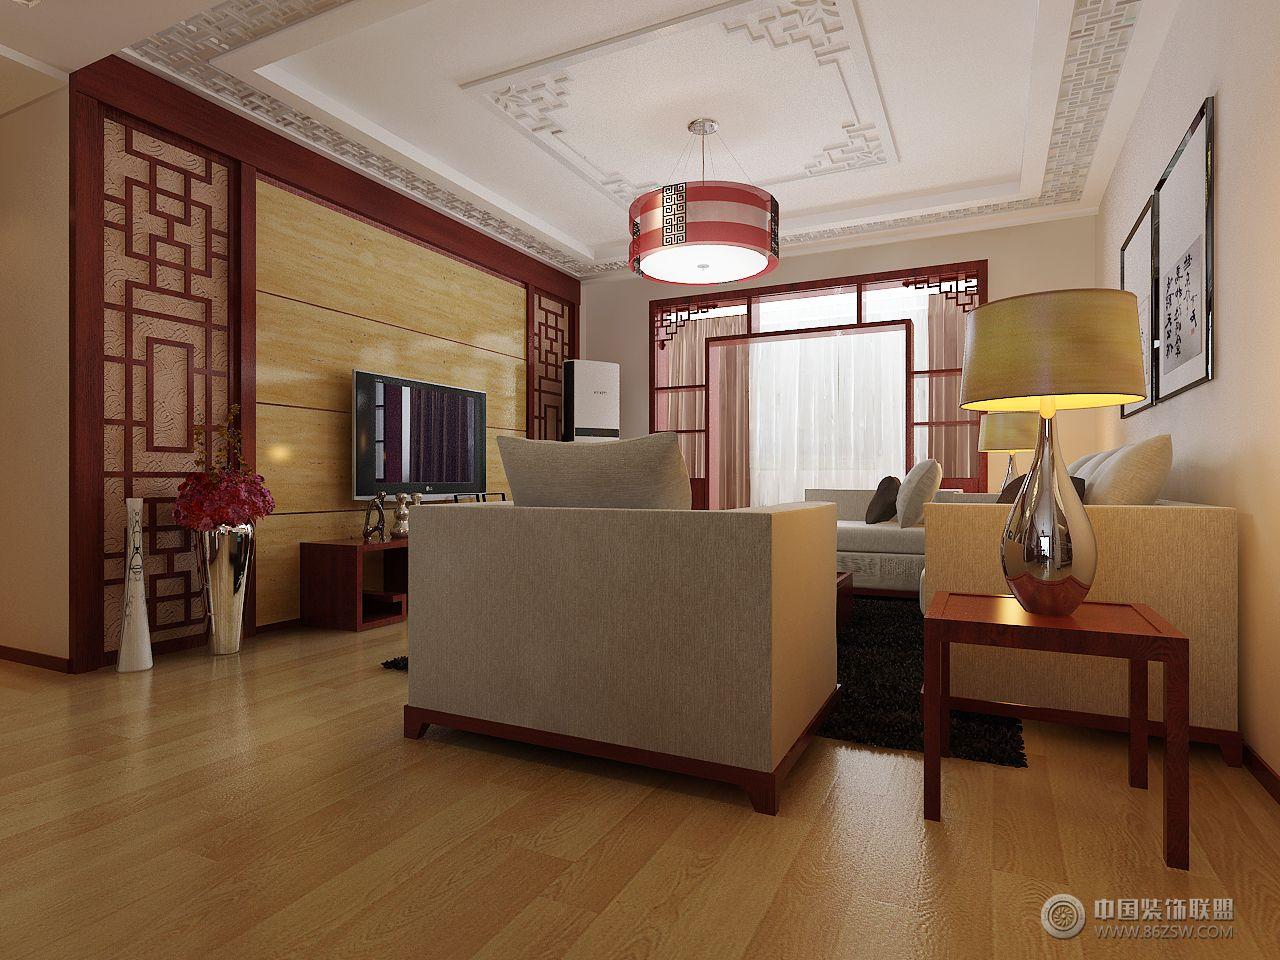 玫瑰苑-客厅装修效果图-八六(中国)装饰联盟装修效果